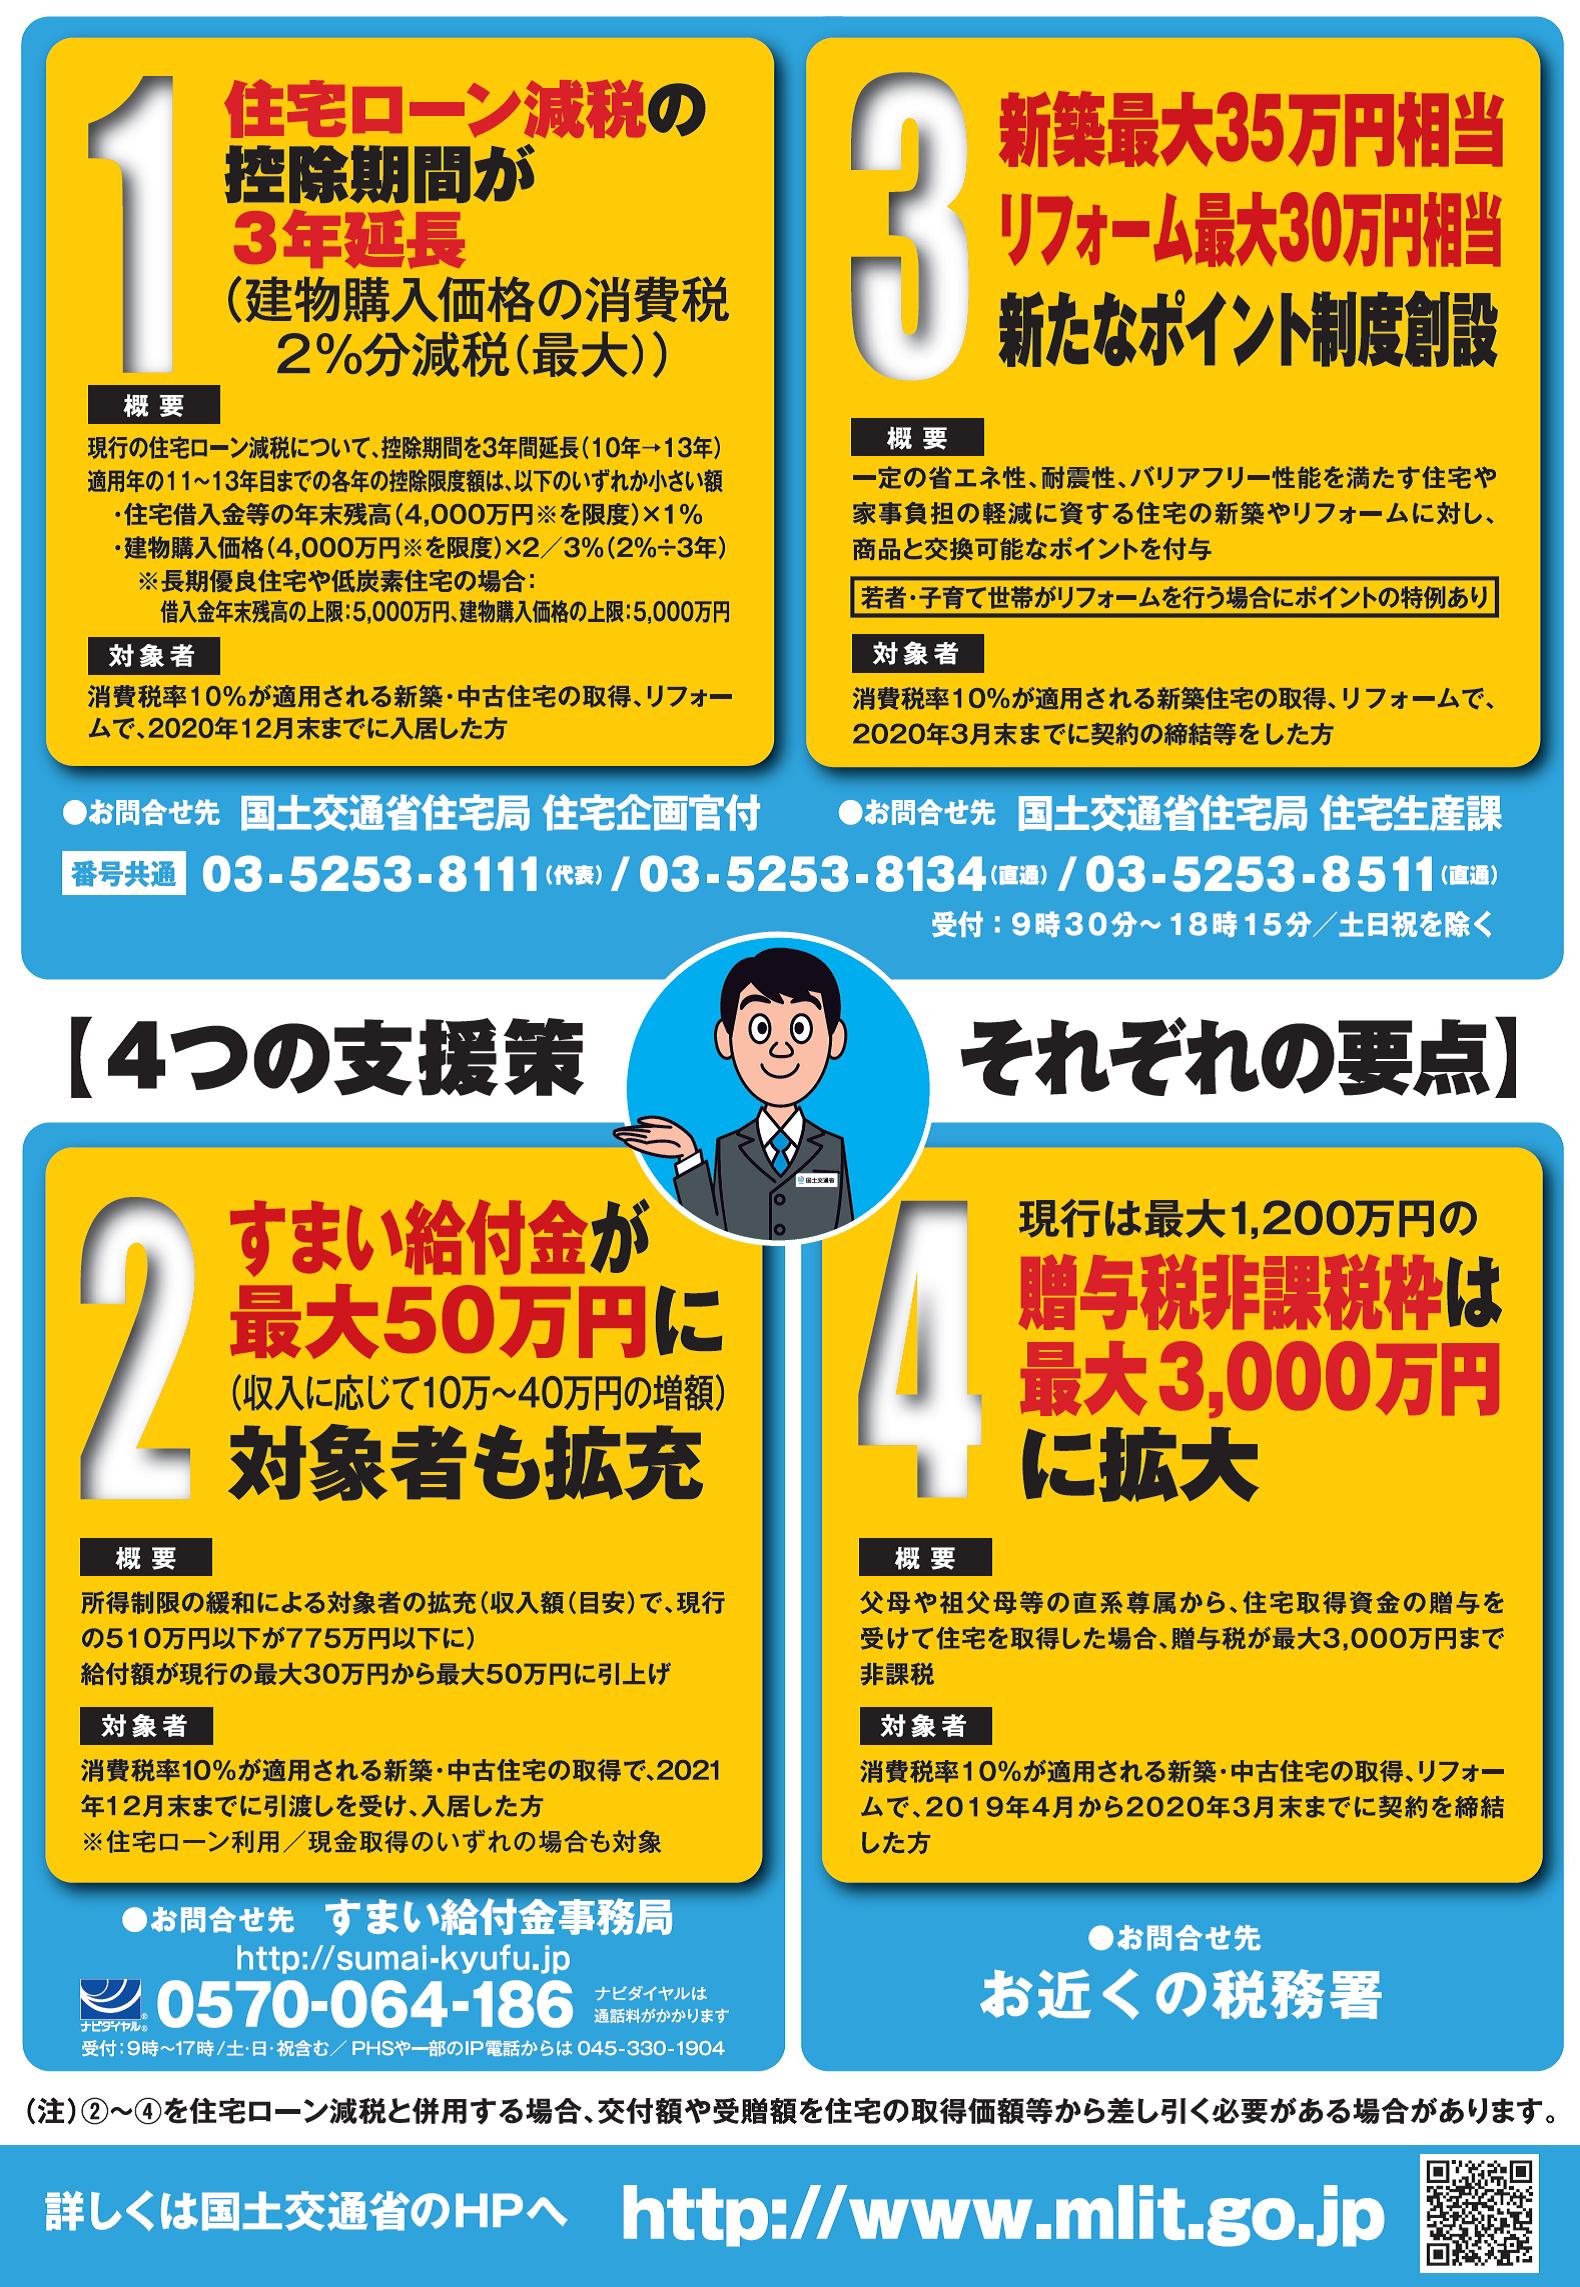 増税支援策②